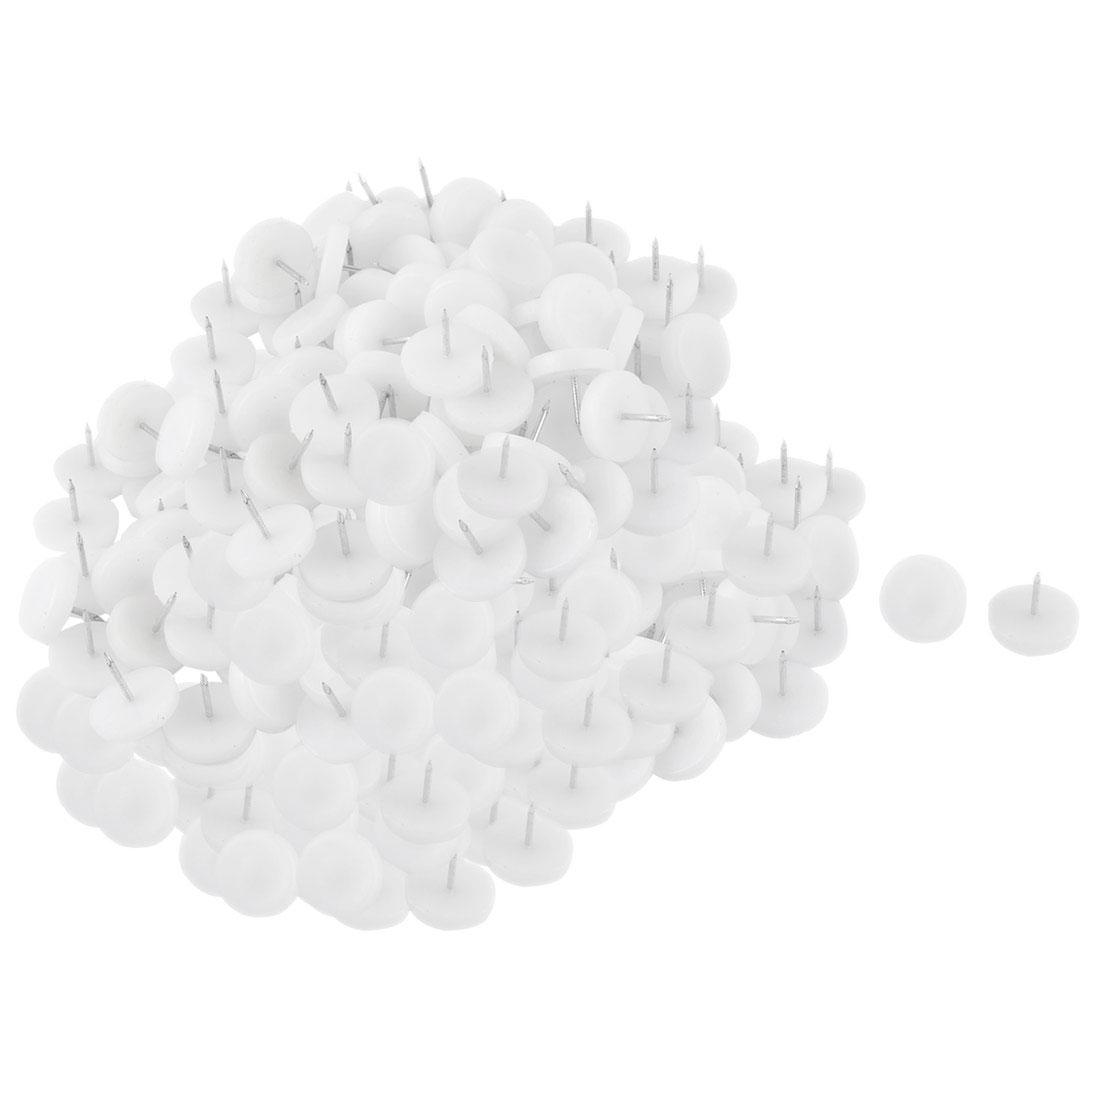 24mm Dia Nylon Head Furniture Chair Table Feet Protector Glide Nail White 100pcs